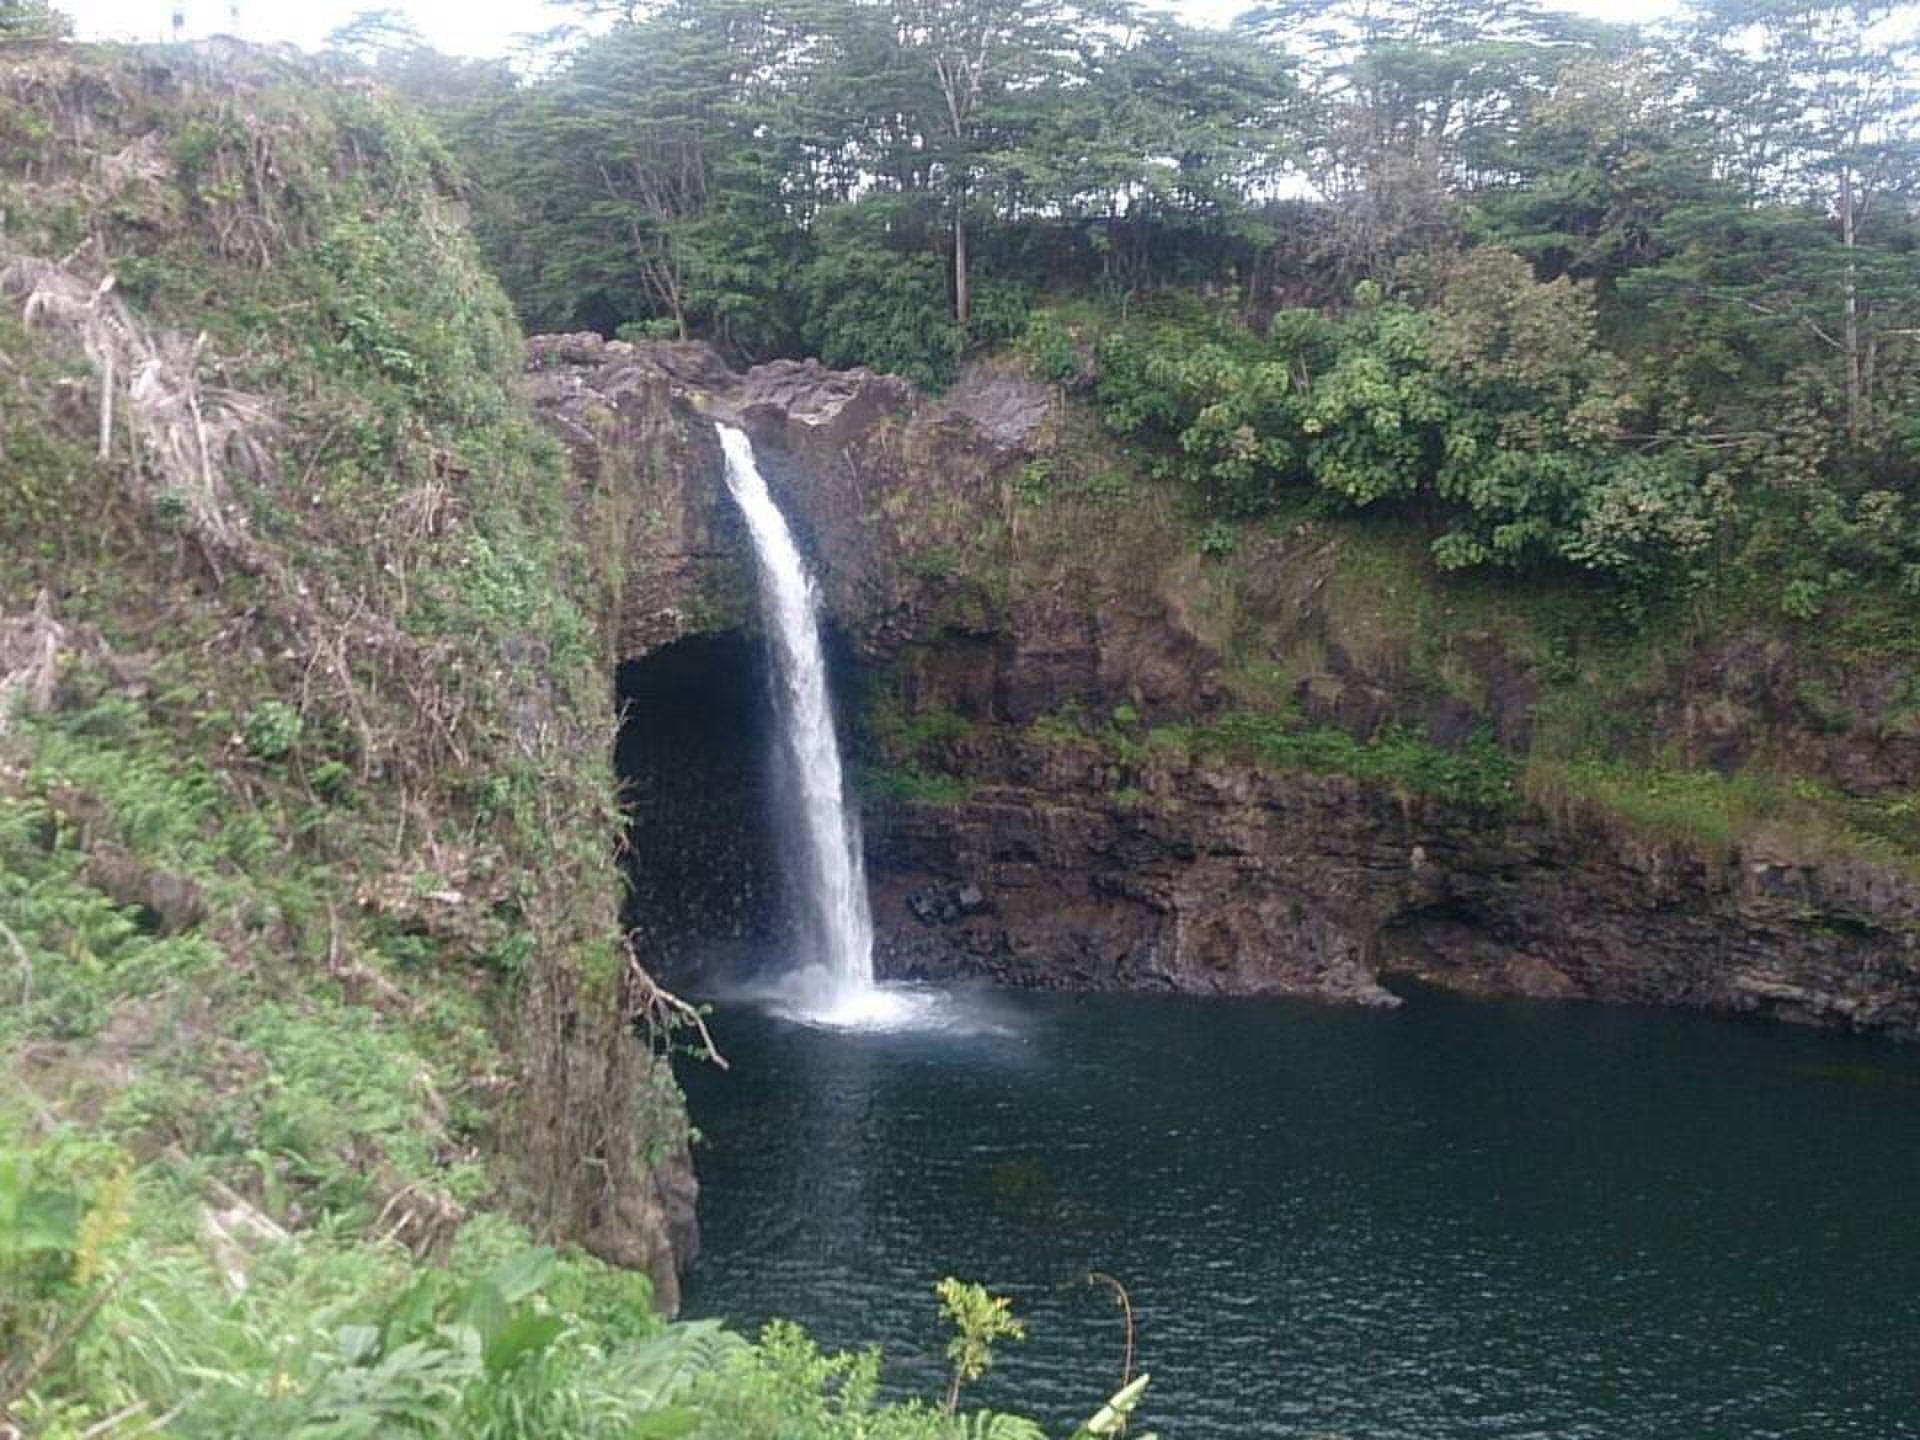 ハワイ島で観光するならここ! オススメの秘境、ヒロ近くのレインボー滝の魅力